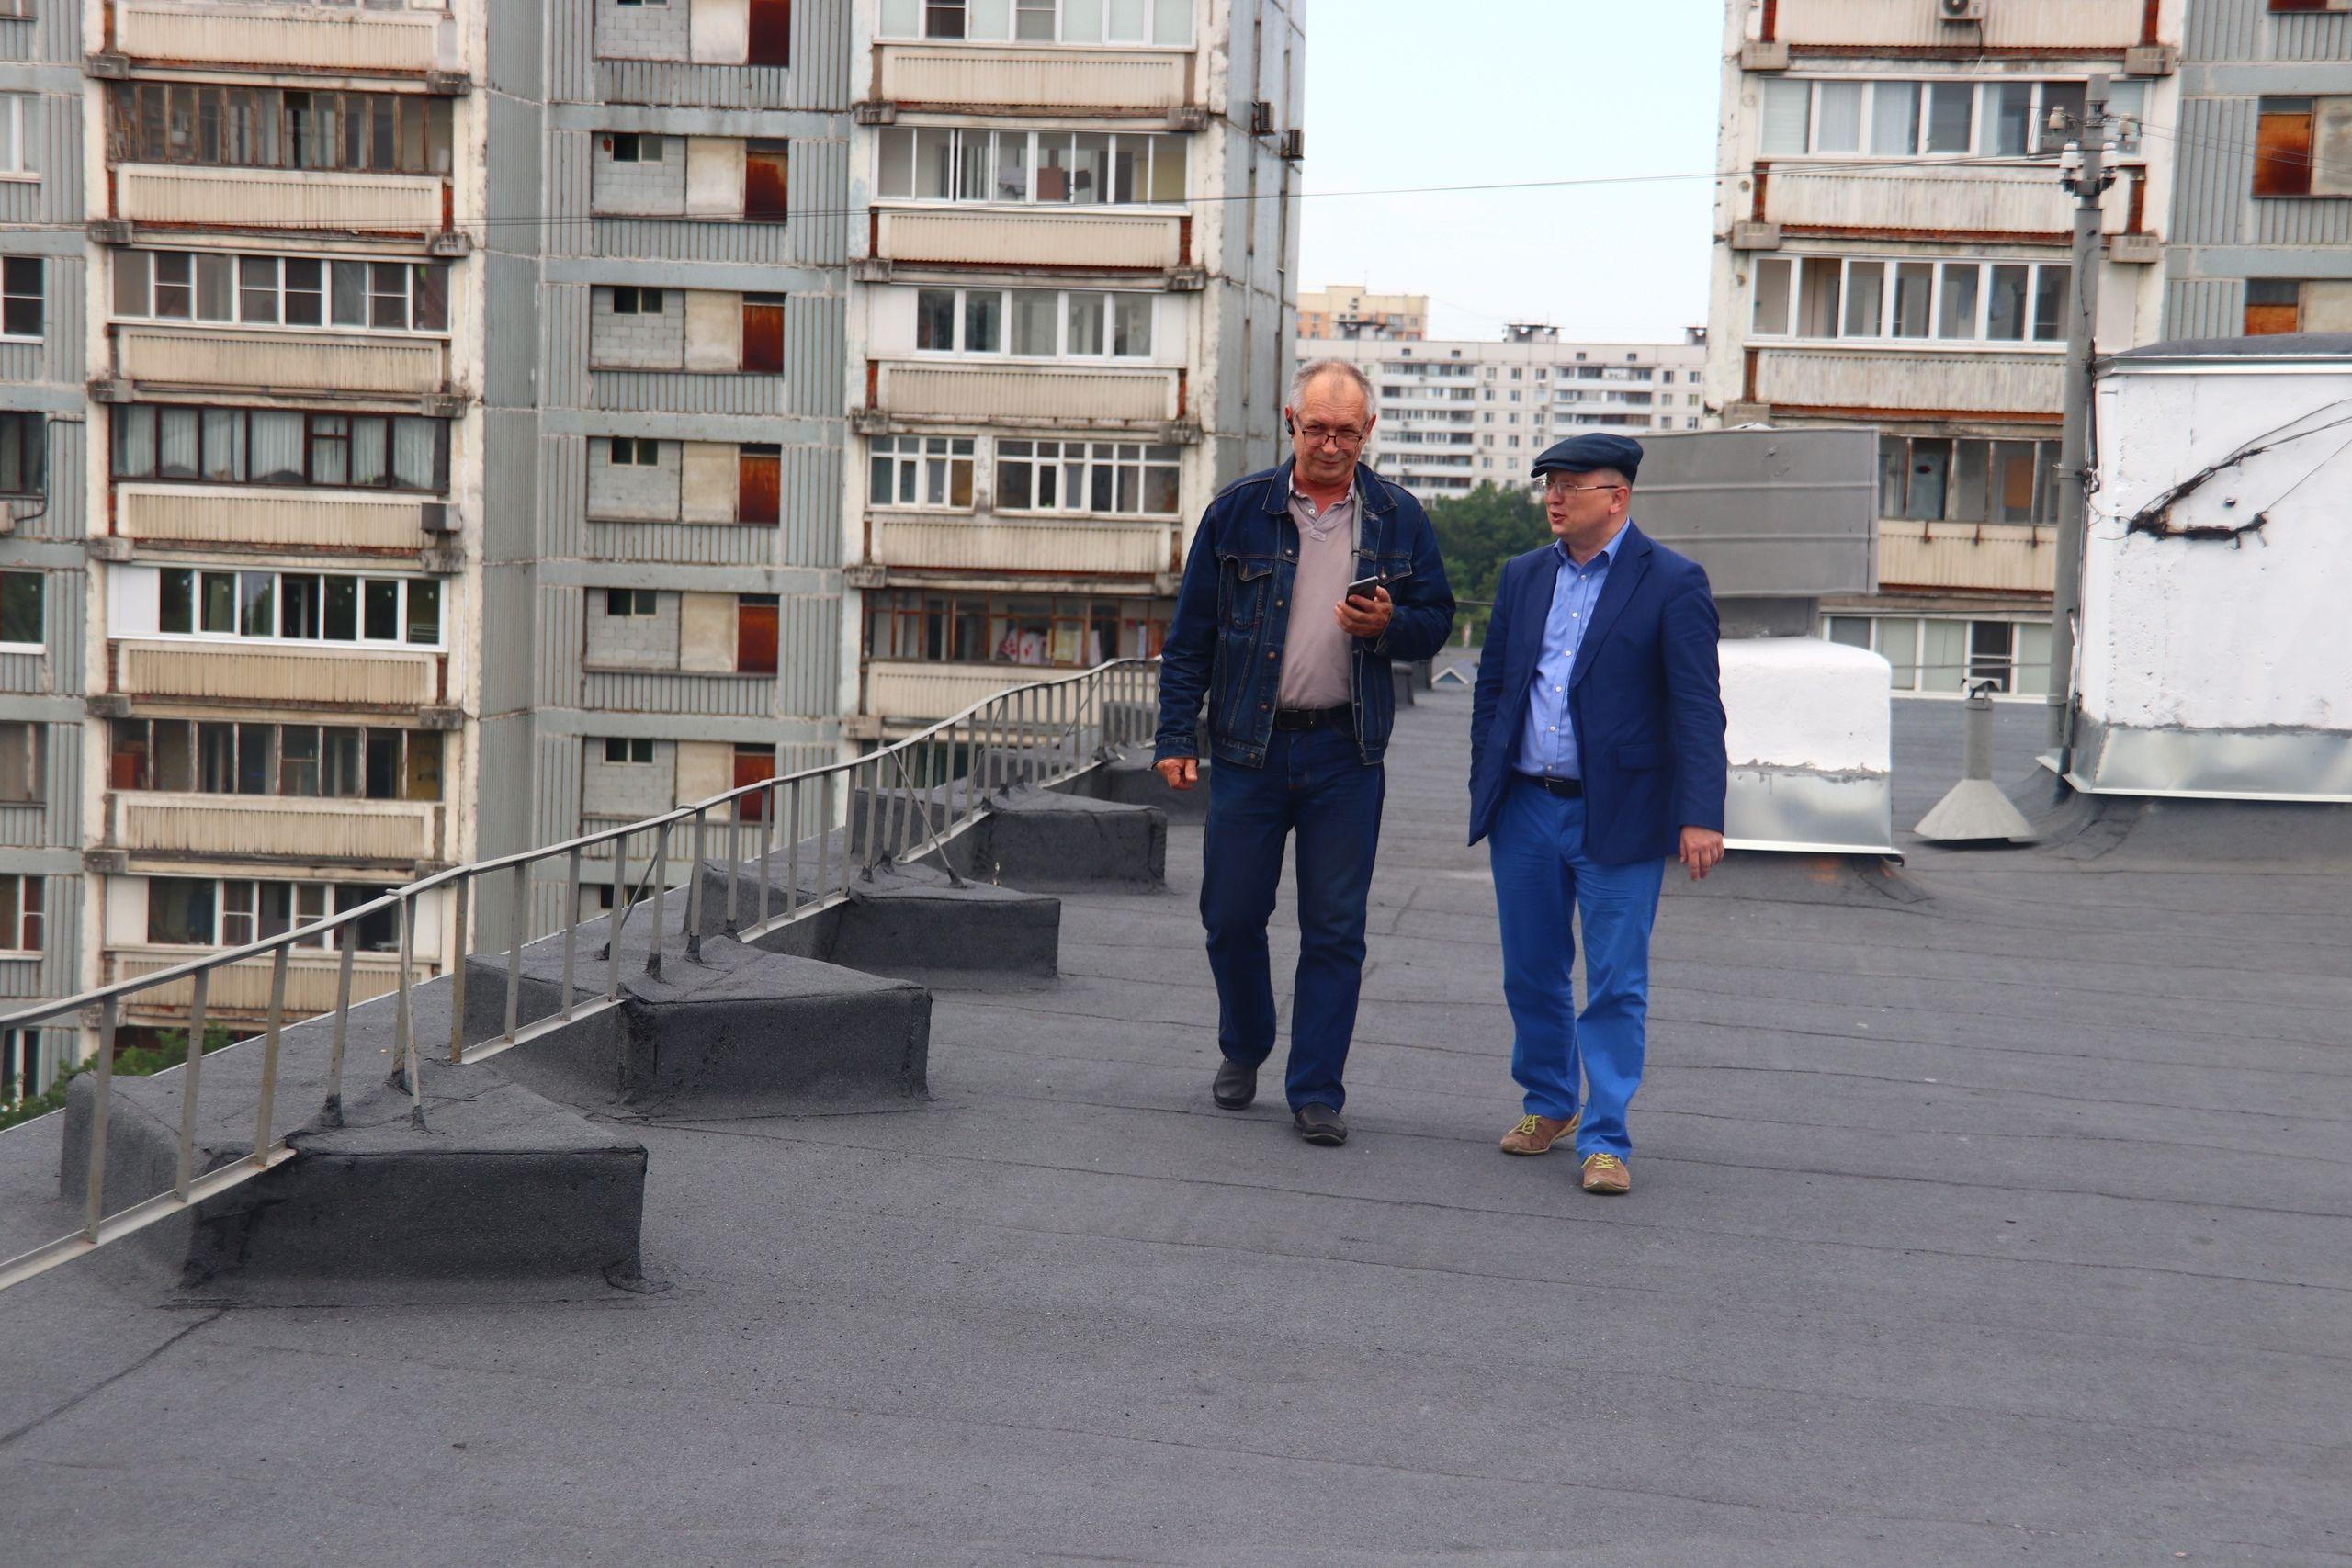 Проверку крыш после ливня организовали в Орехове-Борисове Южном